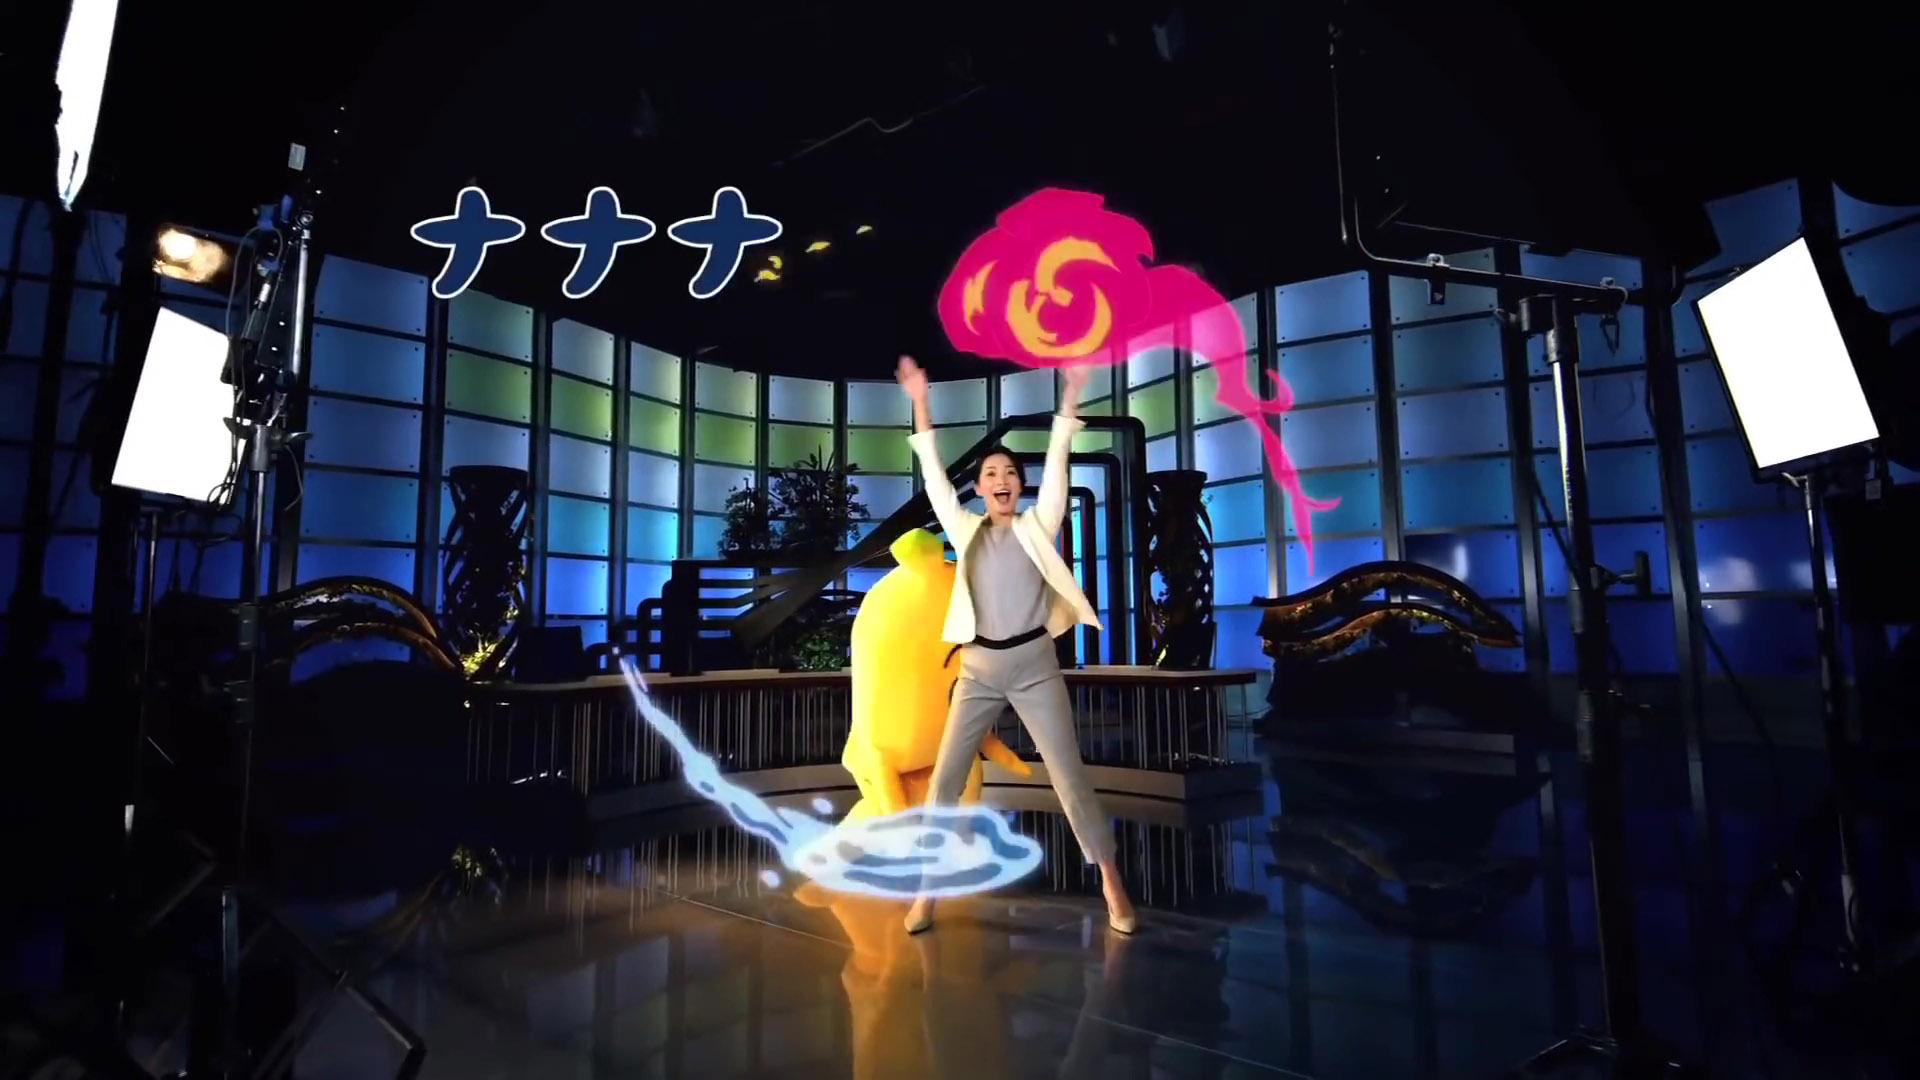 大江麻理子アナがナナナと踊る!